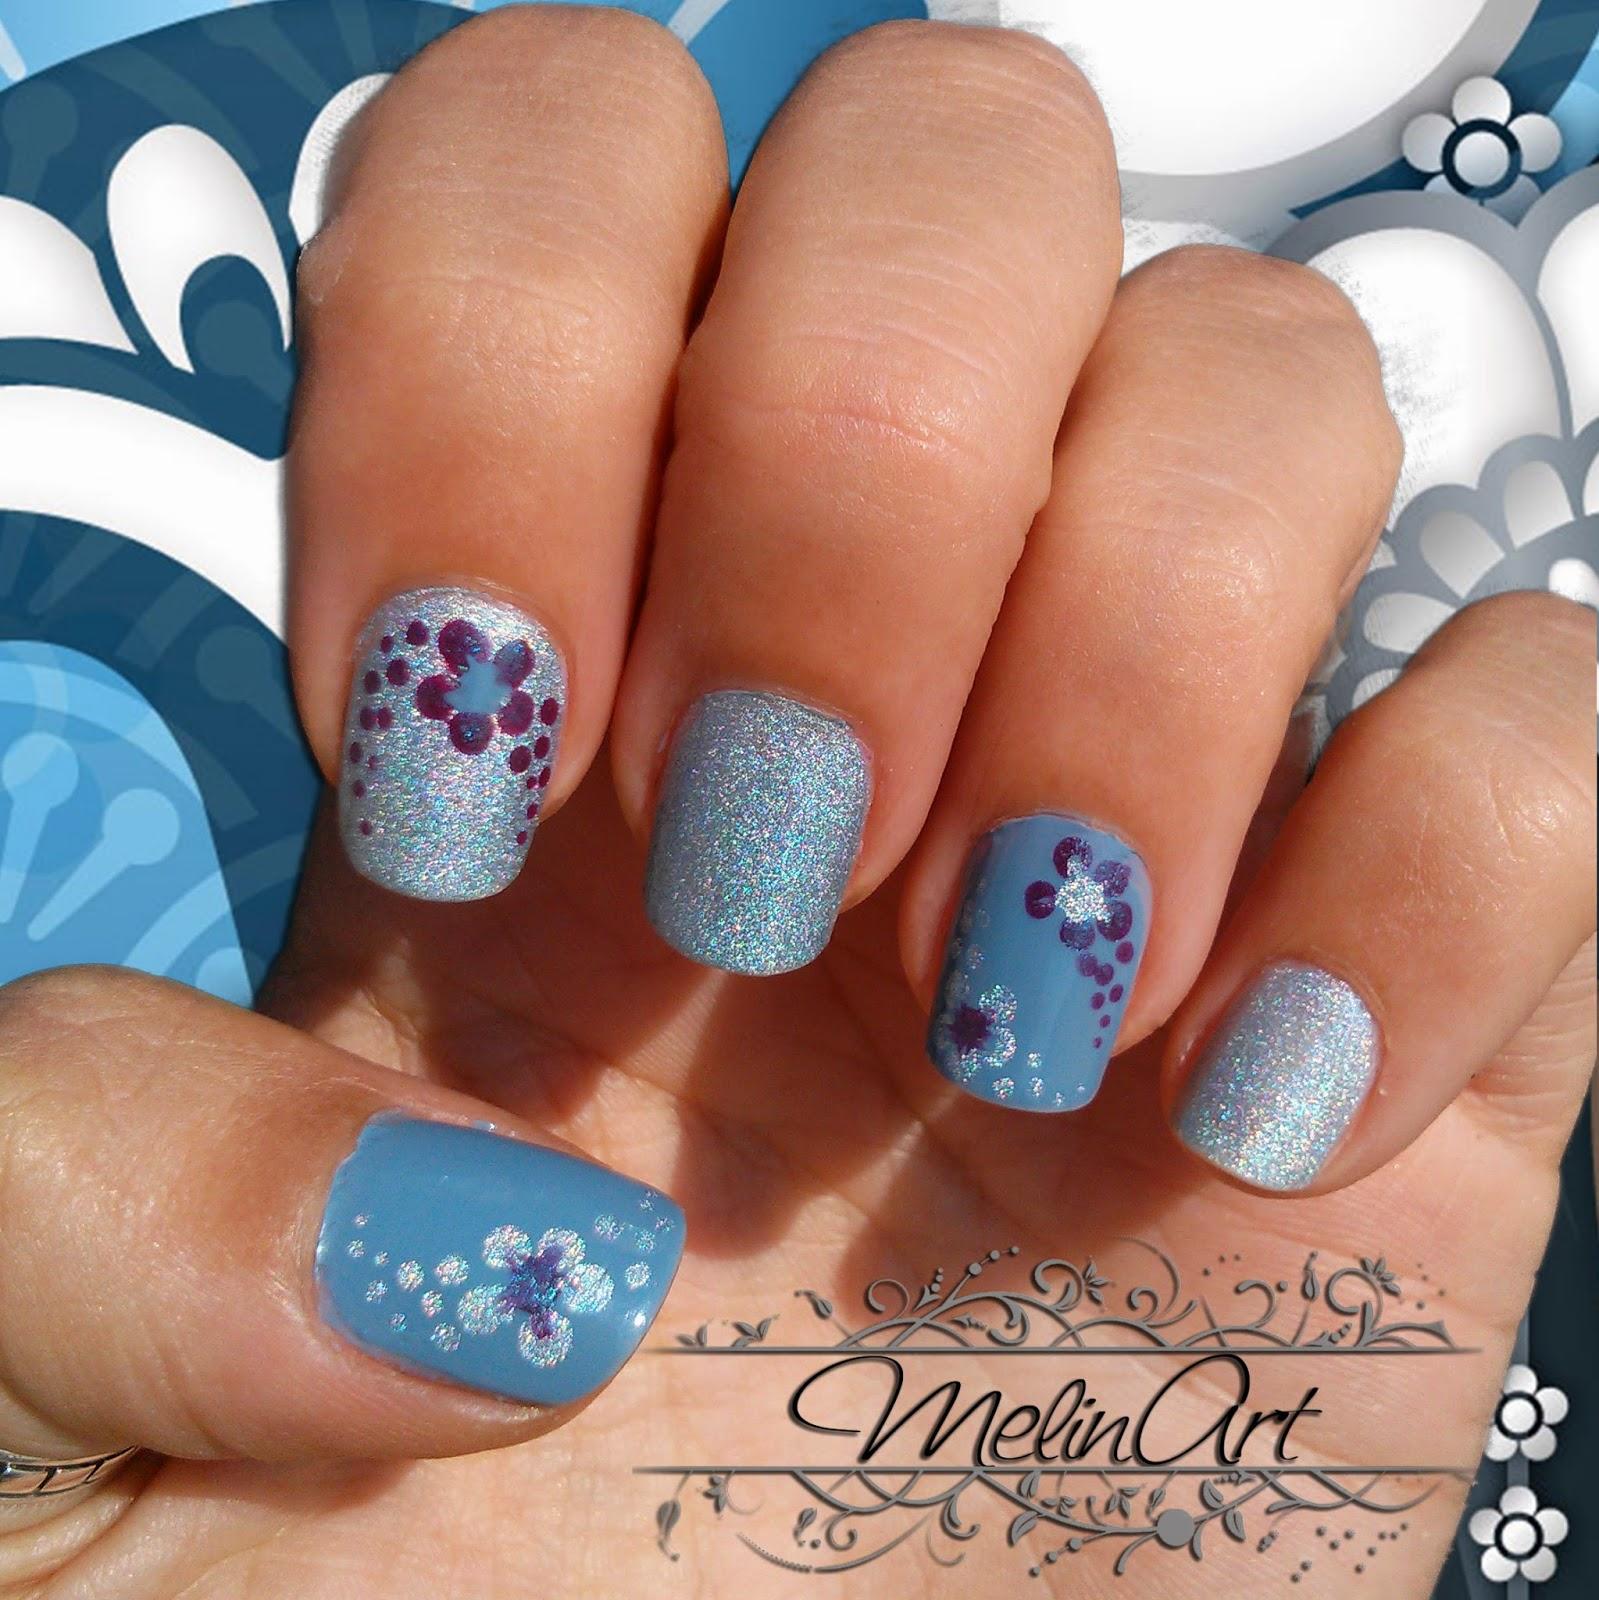 Manicura en azul con flores y esmalte hologr�fico